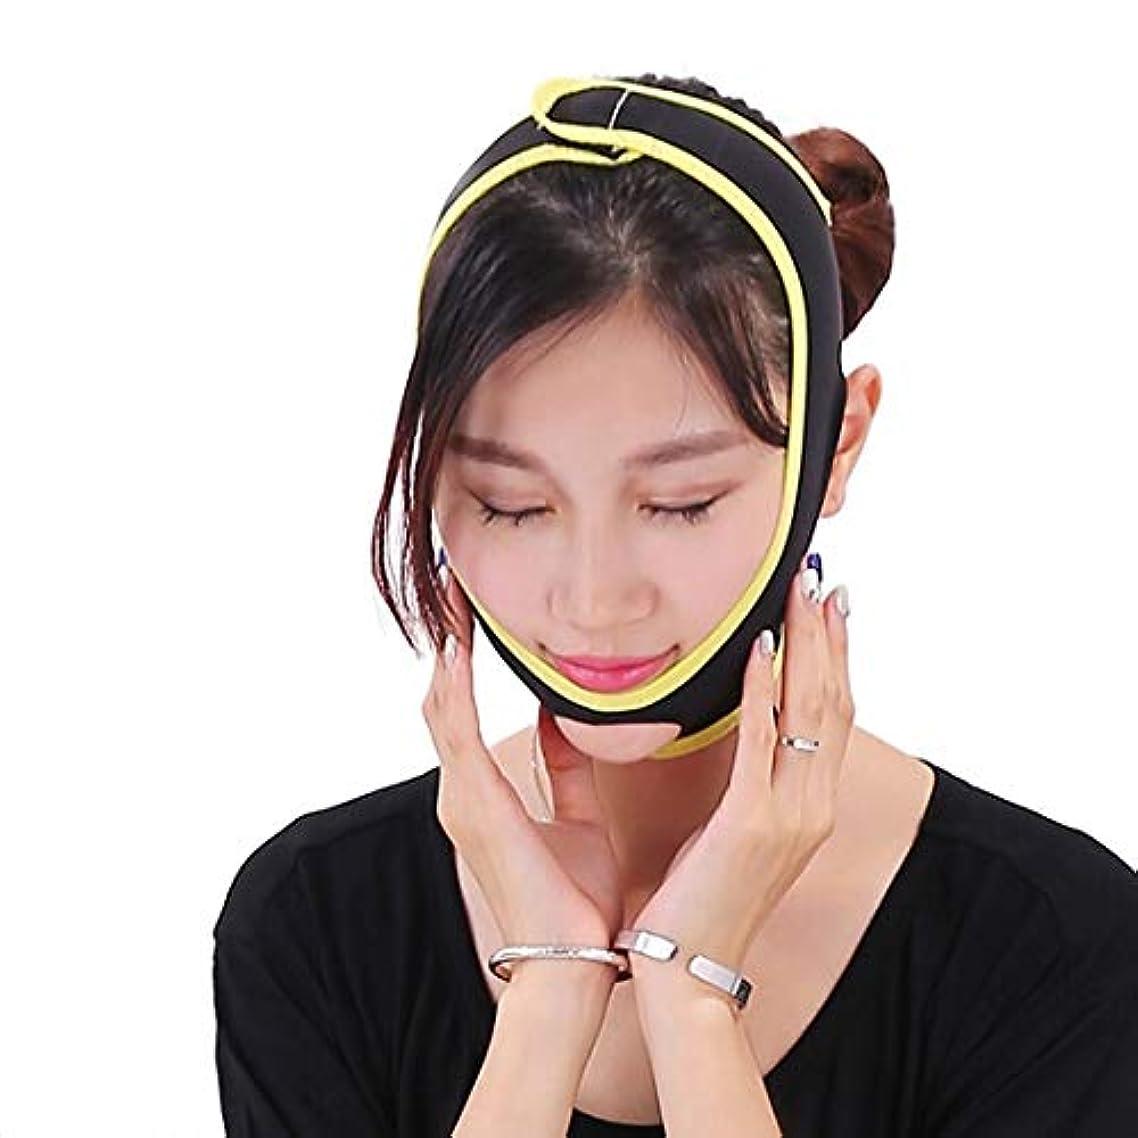 唯物論弾性バズZWBD フェイスマスク, フェイスリフティング包帯パワフルフェイスマスクフェイスリフティング包帯引き締めシワ顔楽器vフェイスダークブラック